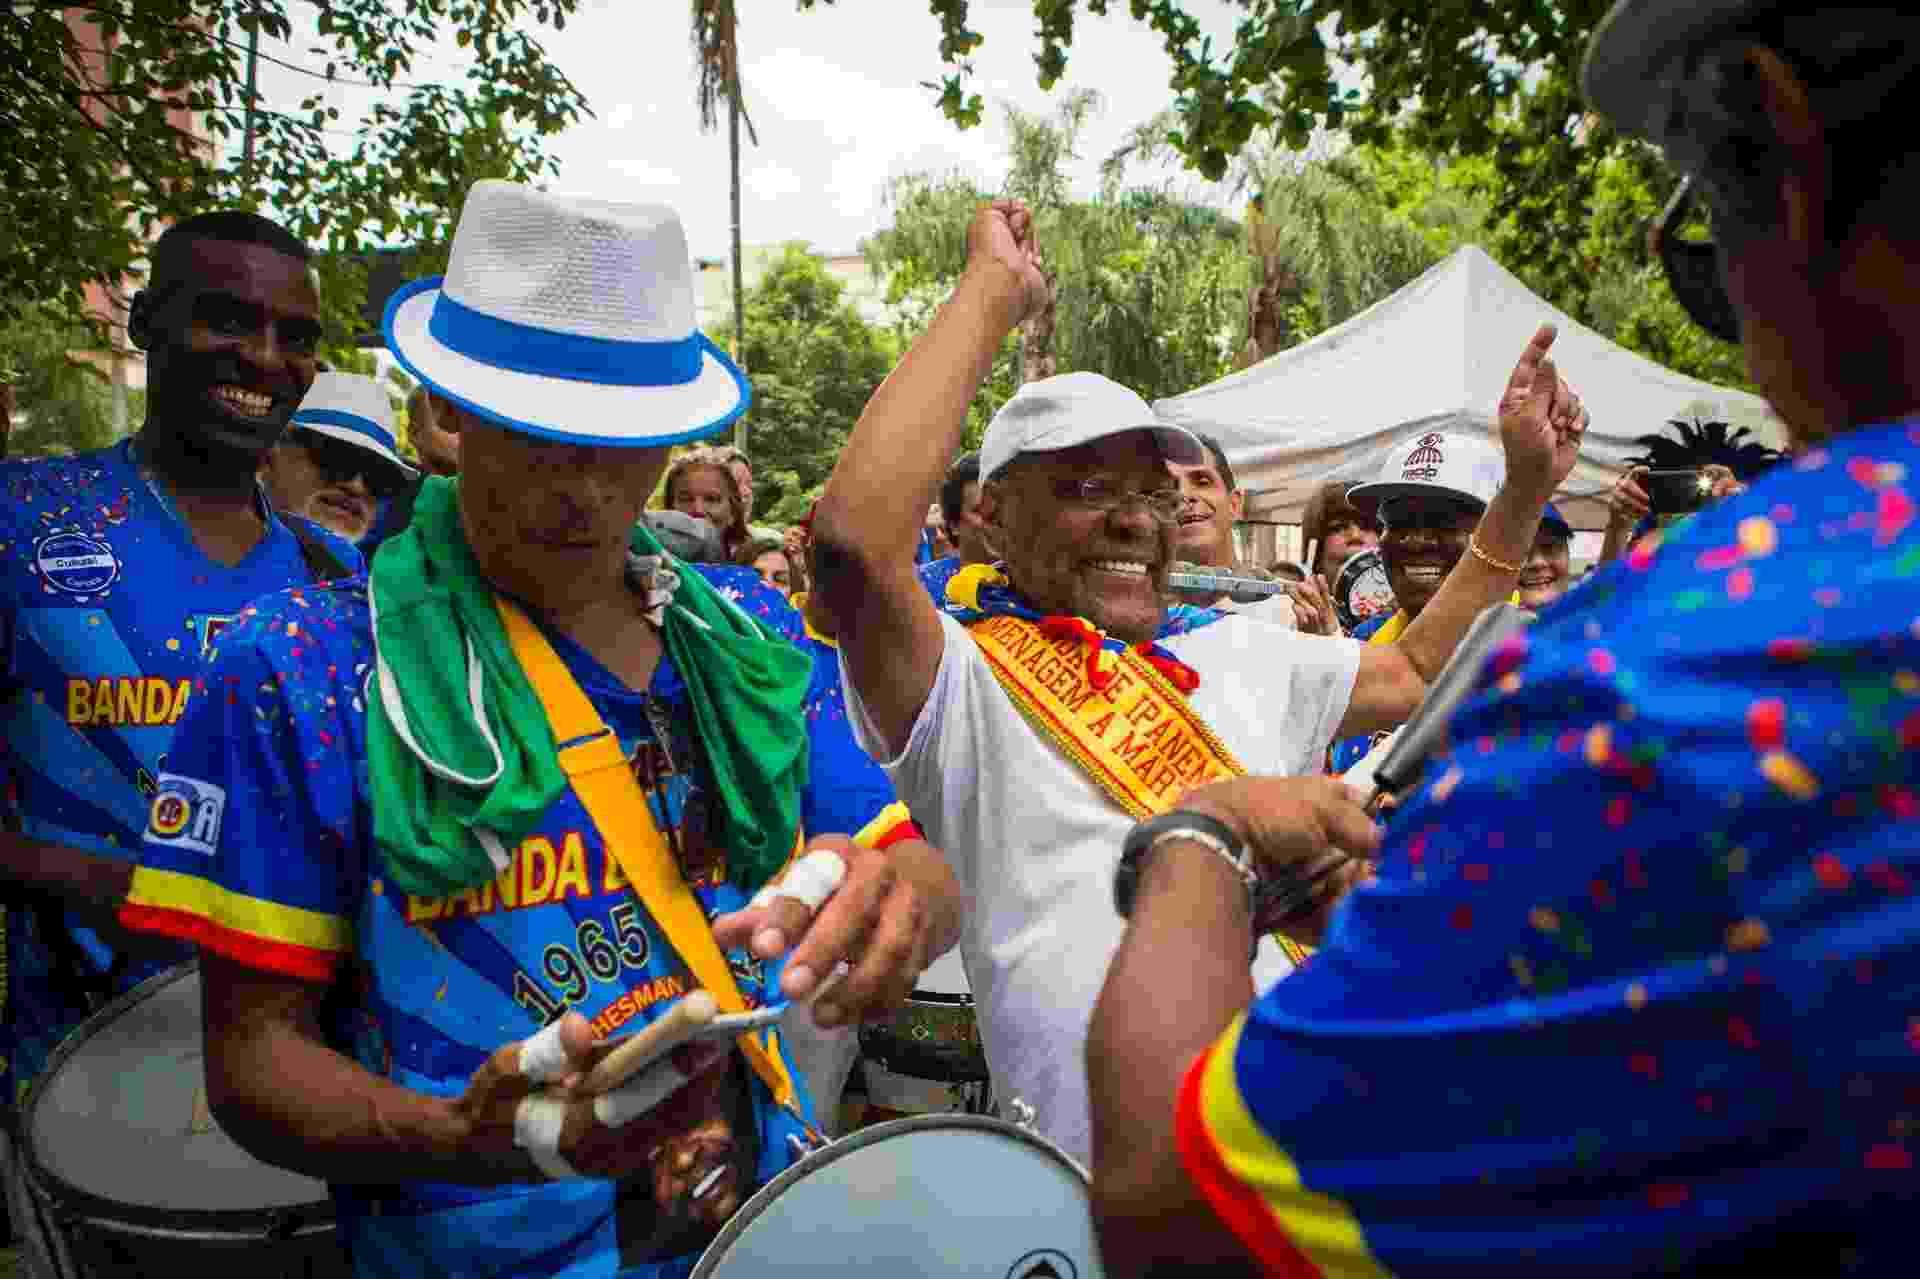 Martinho da Vila sacode o bloco Banda de Ipanema, no Rio de Janeiro - Luciola Villela/UOL